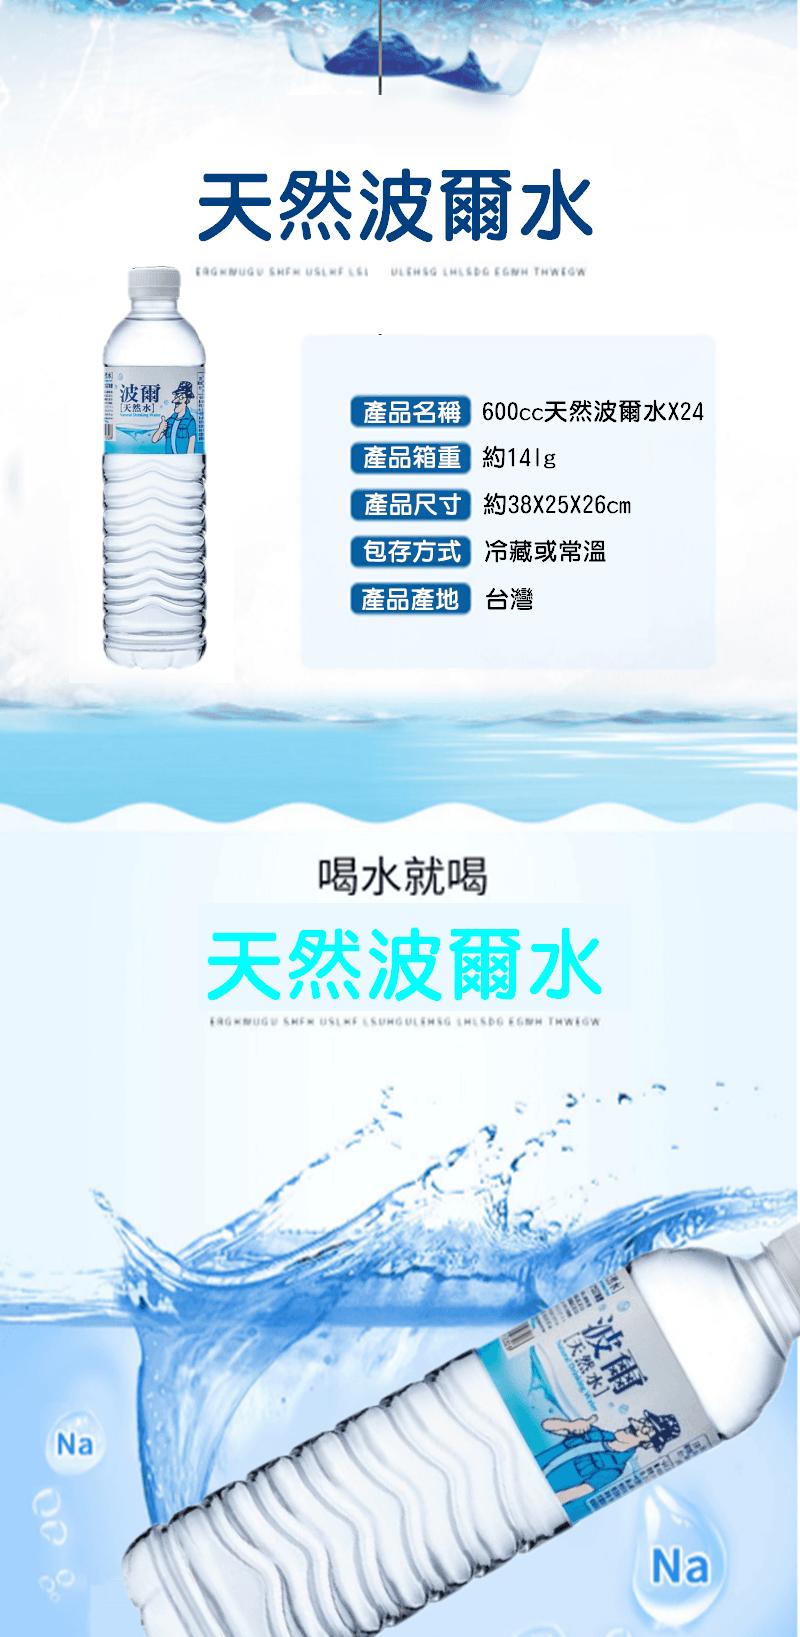 600cc波爾天然礦泉水24瓶 1